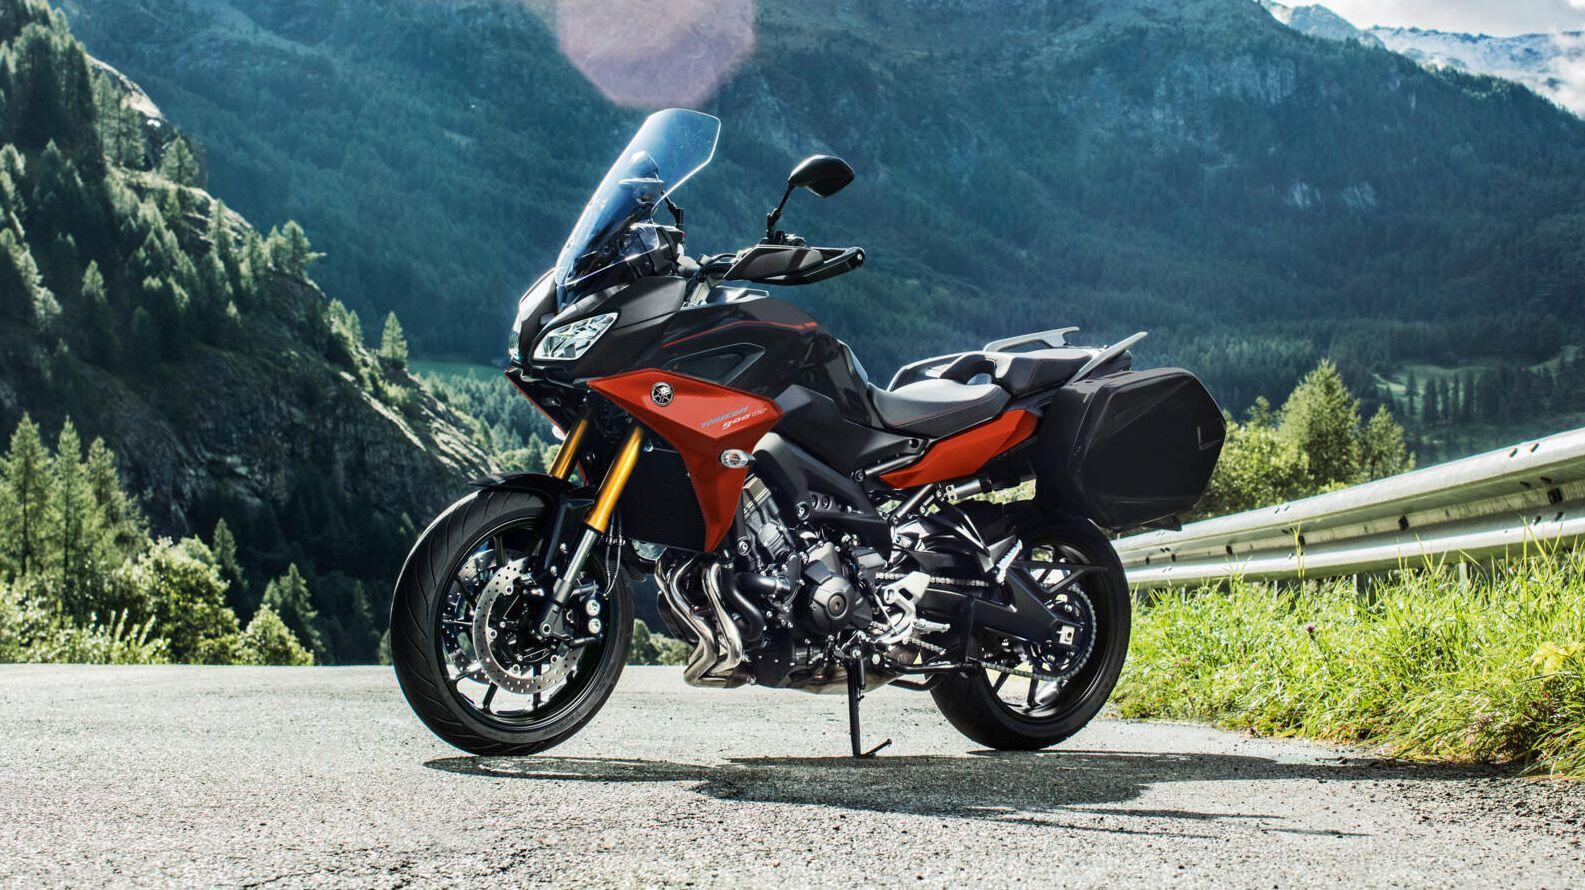 yamaha-tracer-900-gt-2020-doi-thu-kawasaki-versys-1000-trinh-lang